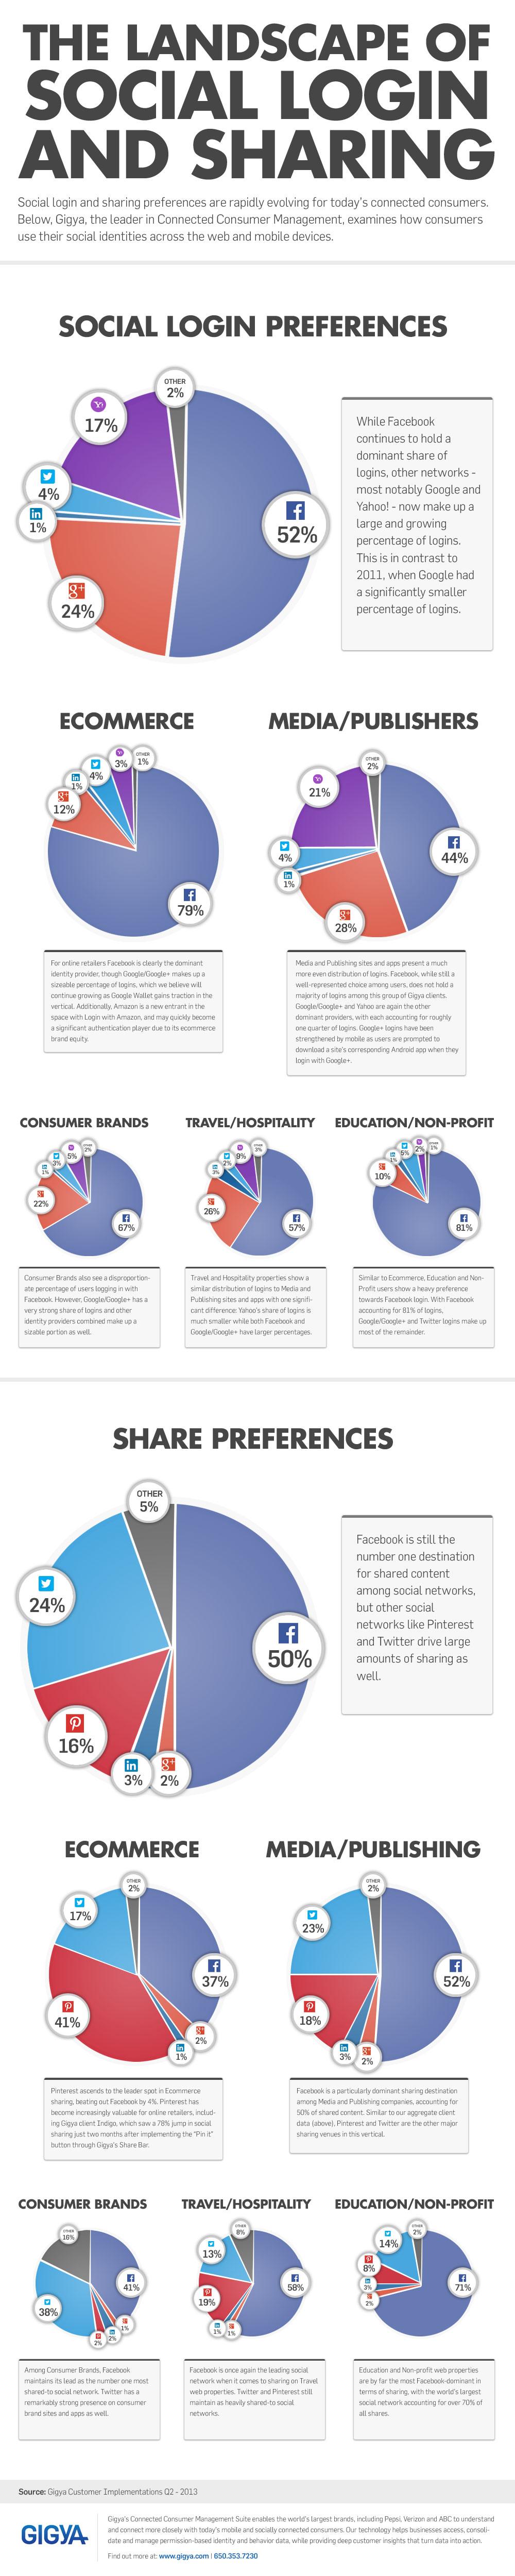 Internautas compartilham mais pelo LinkedIn do que pelo Google+